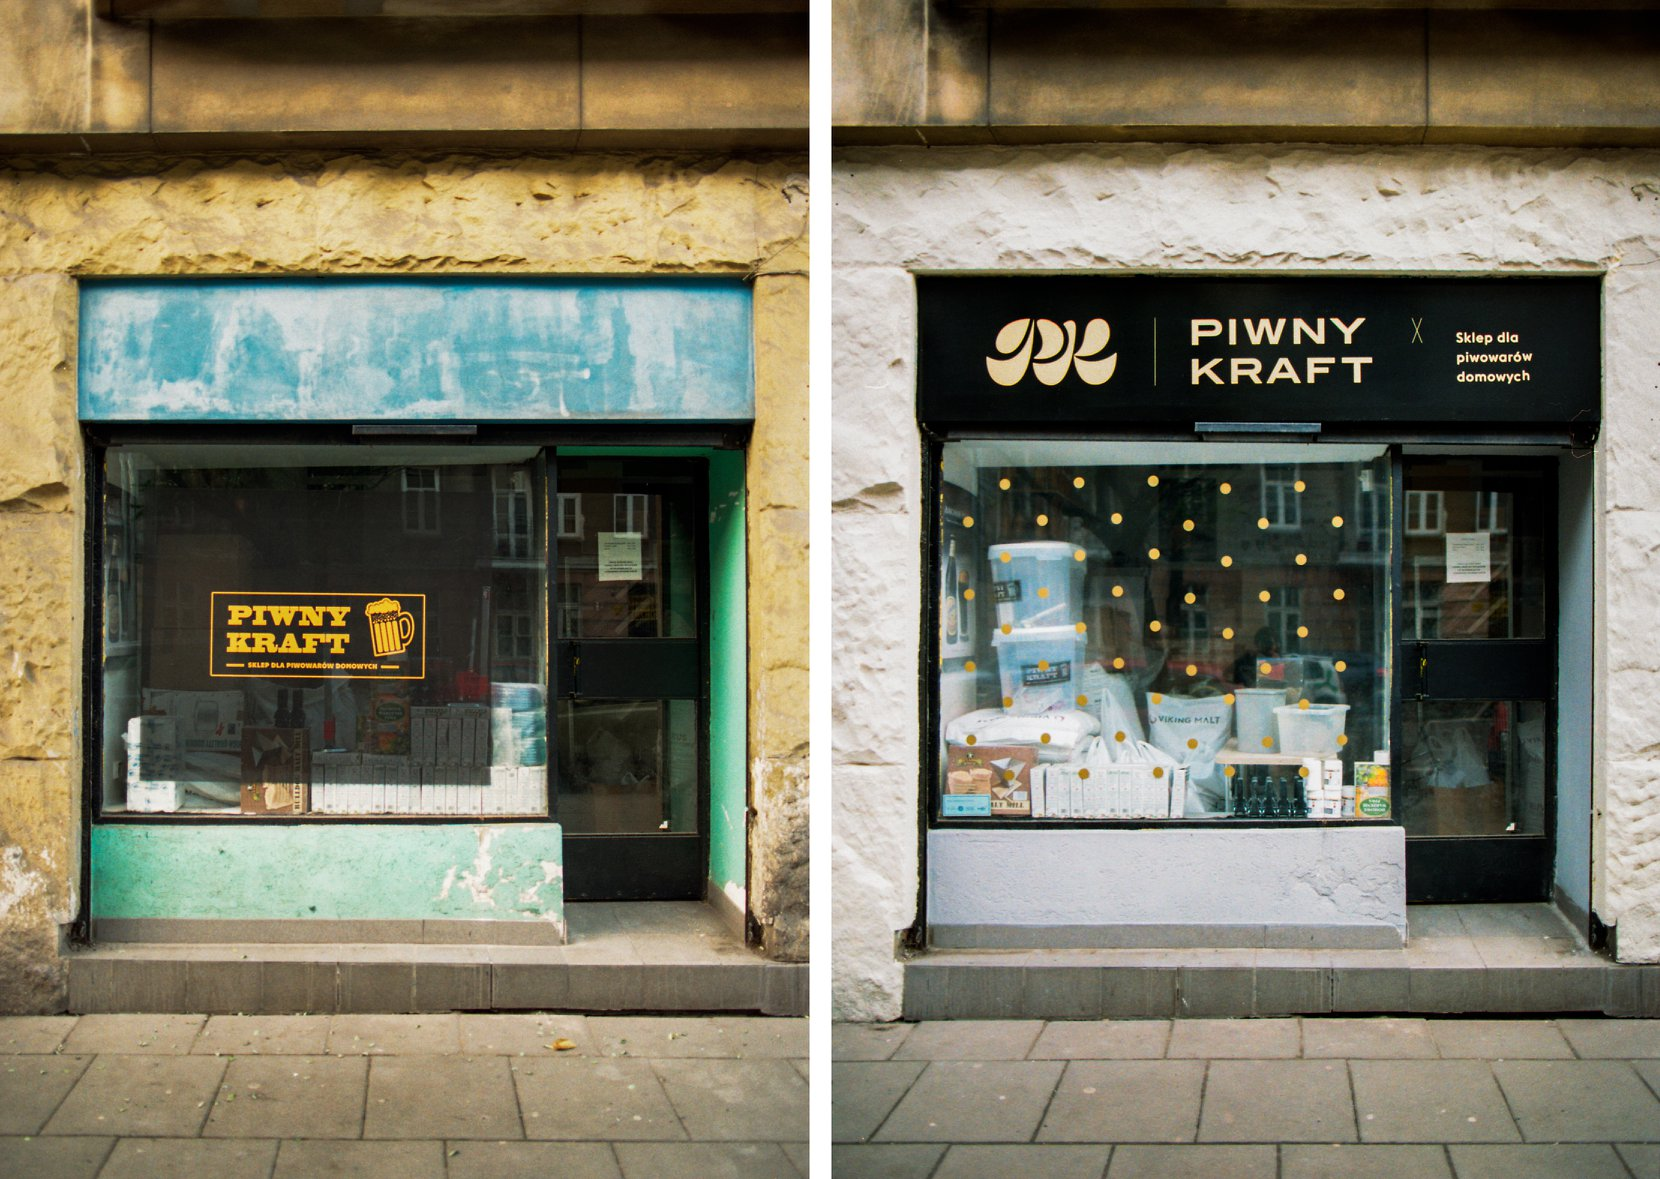 """Na zdjęciach widać starszą i nowszą wersję napisu """"Piwny Kraft"""" na witrynie sklepu."""